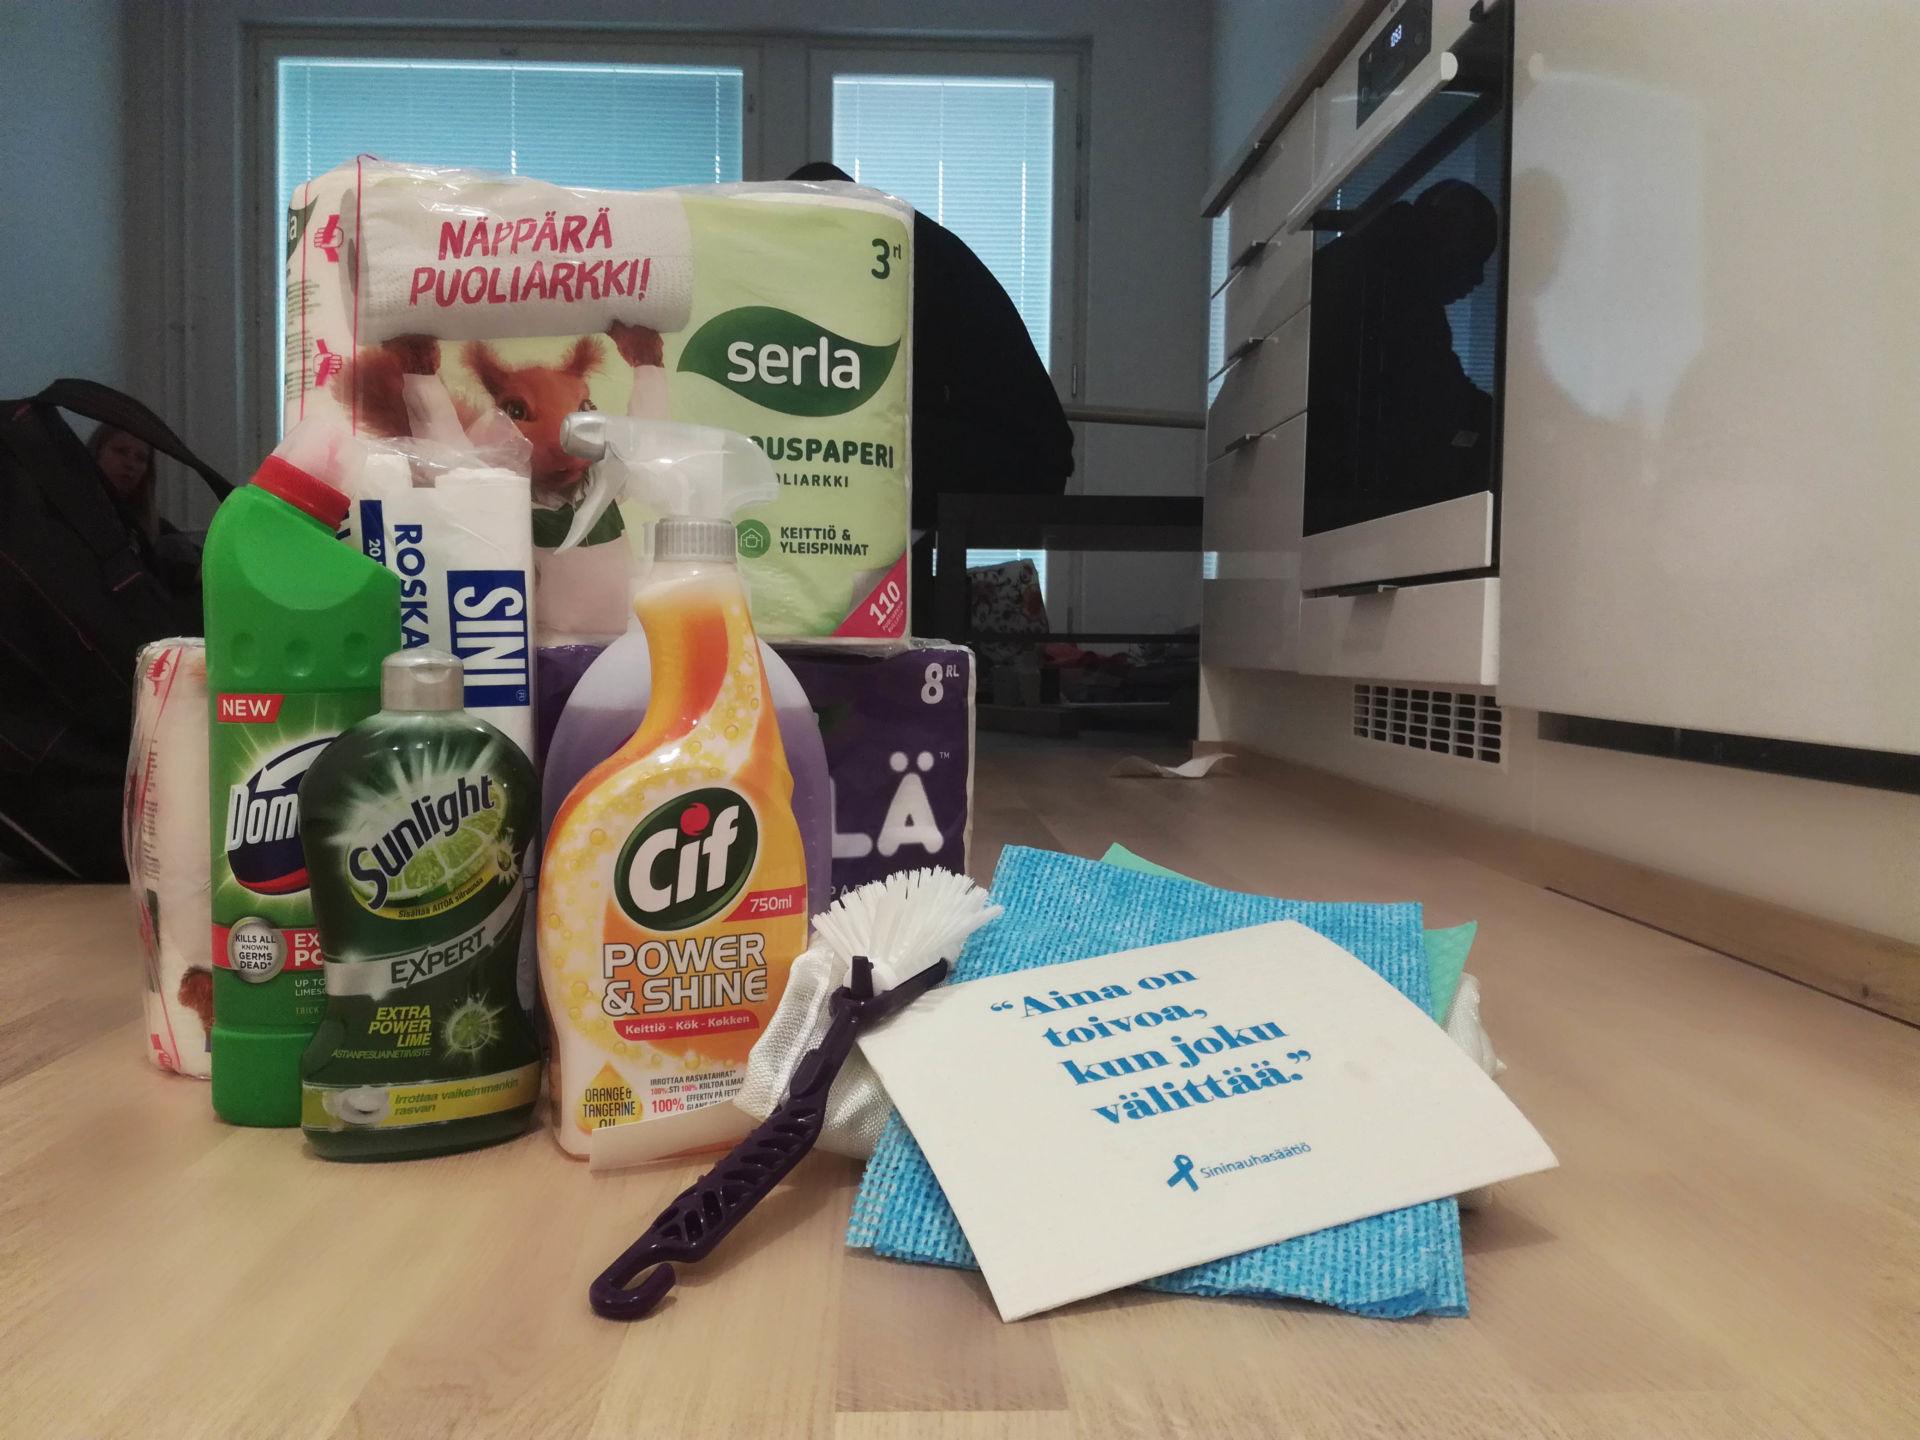 Kasa kodin puhdistusaineita, siivoustarvikkeita sekä WC- ja talouspapereita keittiön lattialla.